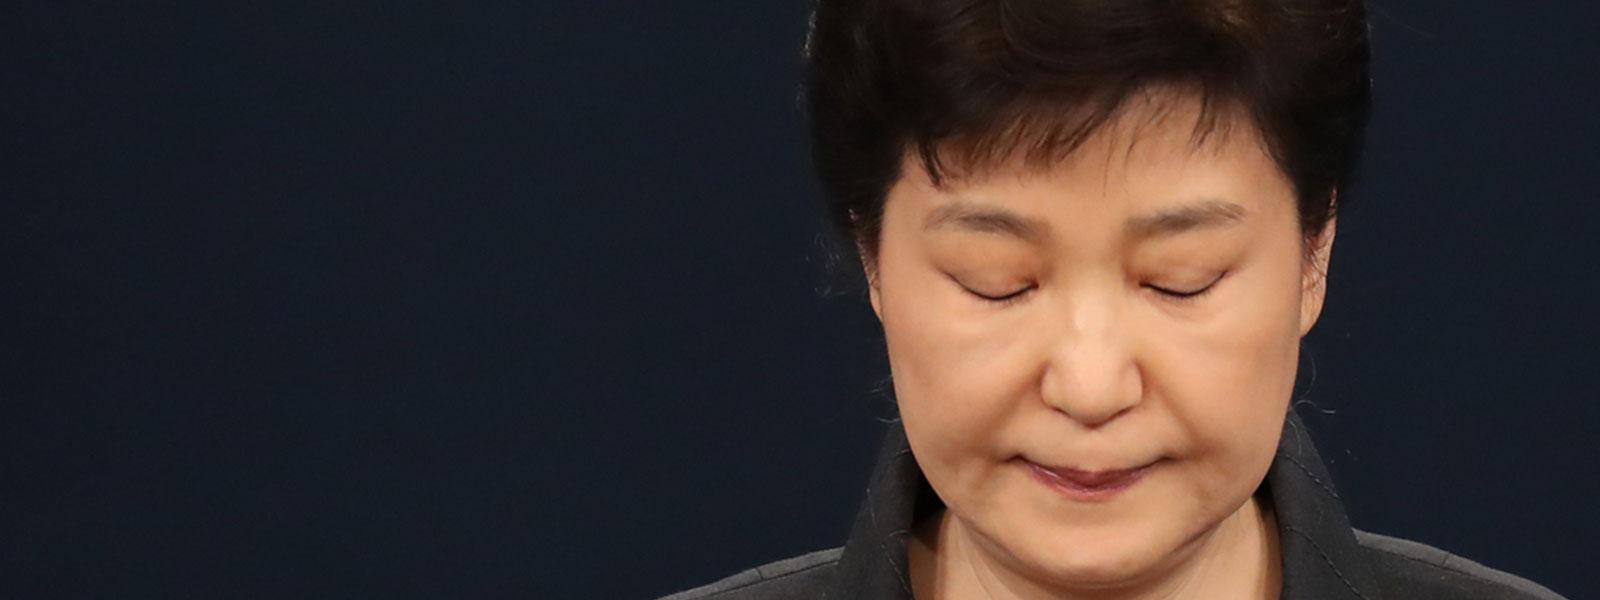 丑闻拖垮朴槿惠 中韩关系关键仍在萨德